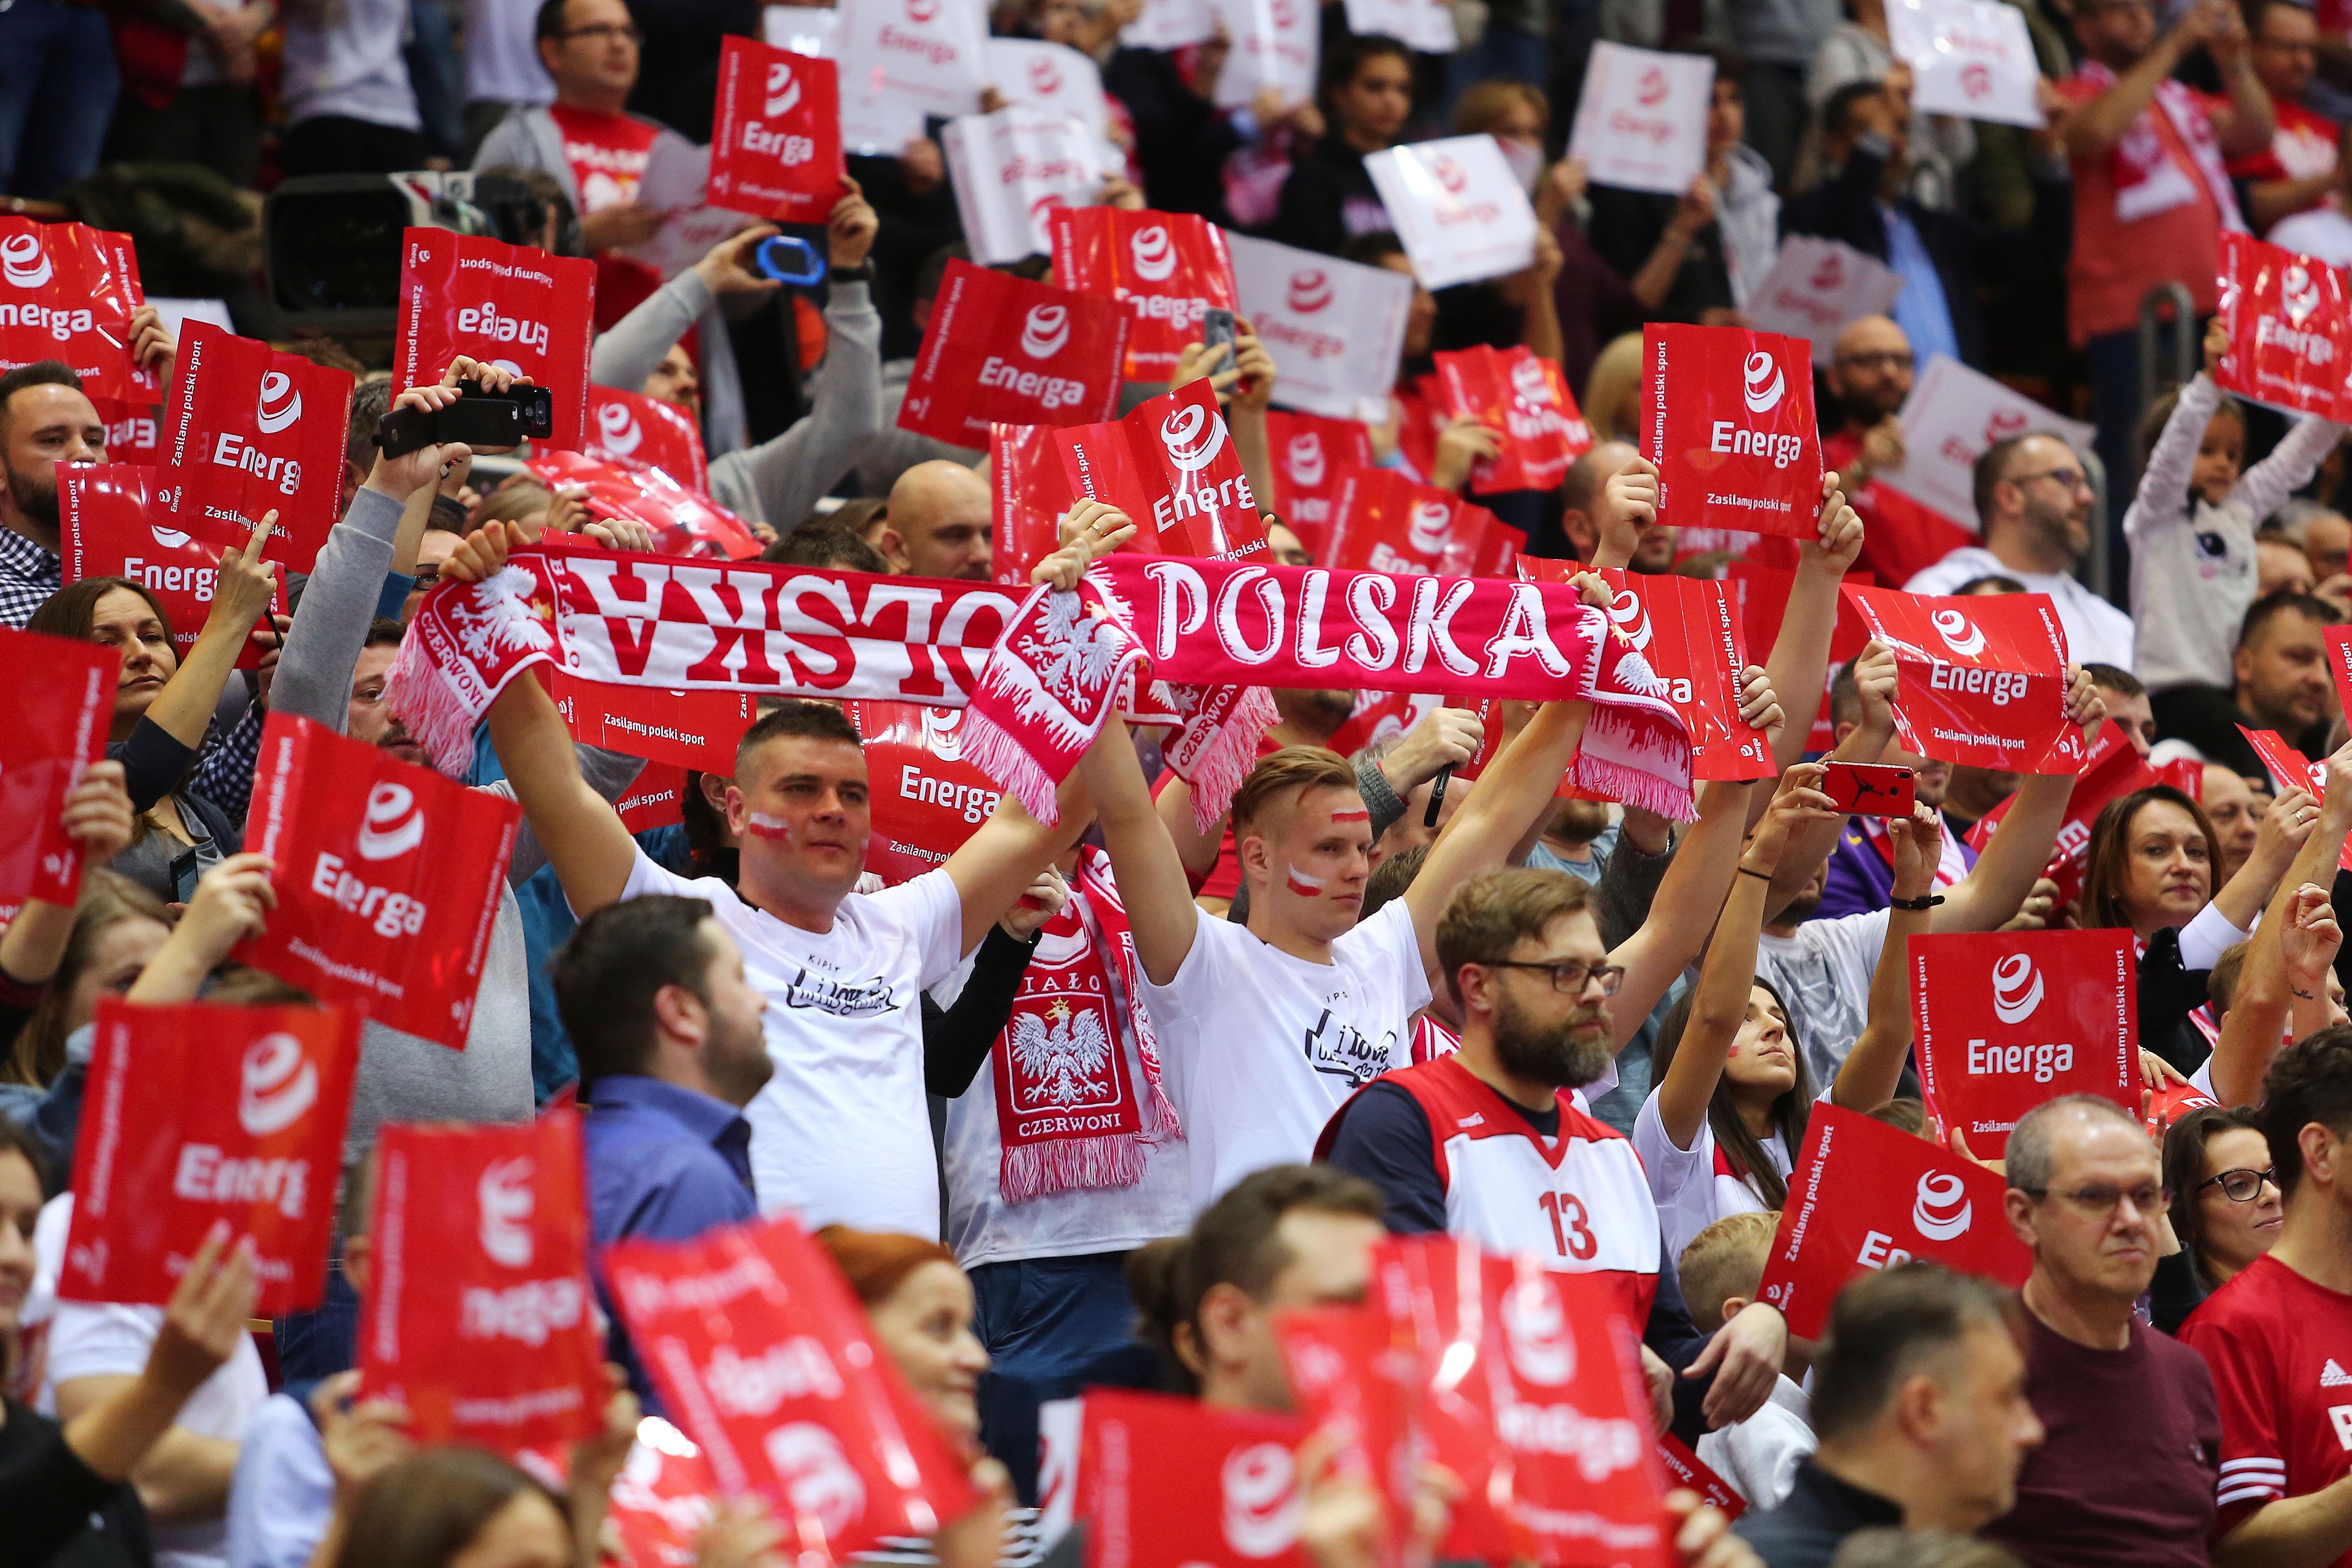 2018.12.02 Gdansk, Mecz kwalifikacyjny do Mistrzostw Swiata Chiny 2019 Polska - Wlochy N/z Kibice Fans Supporters, Foto Piotr Matusewicz / PressFocus